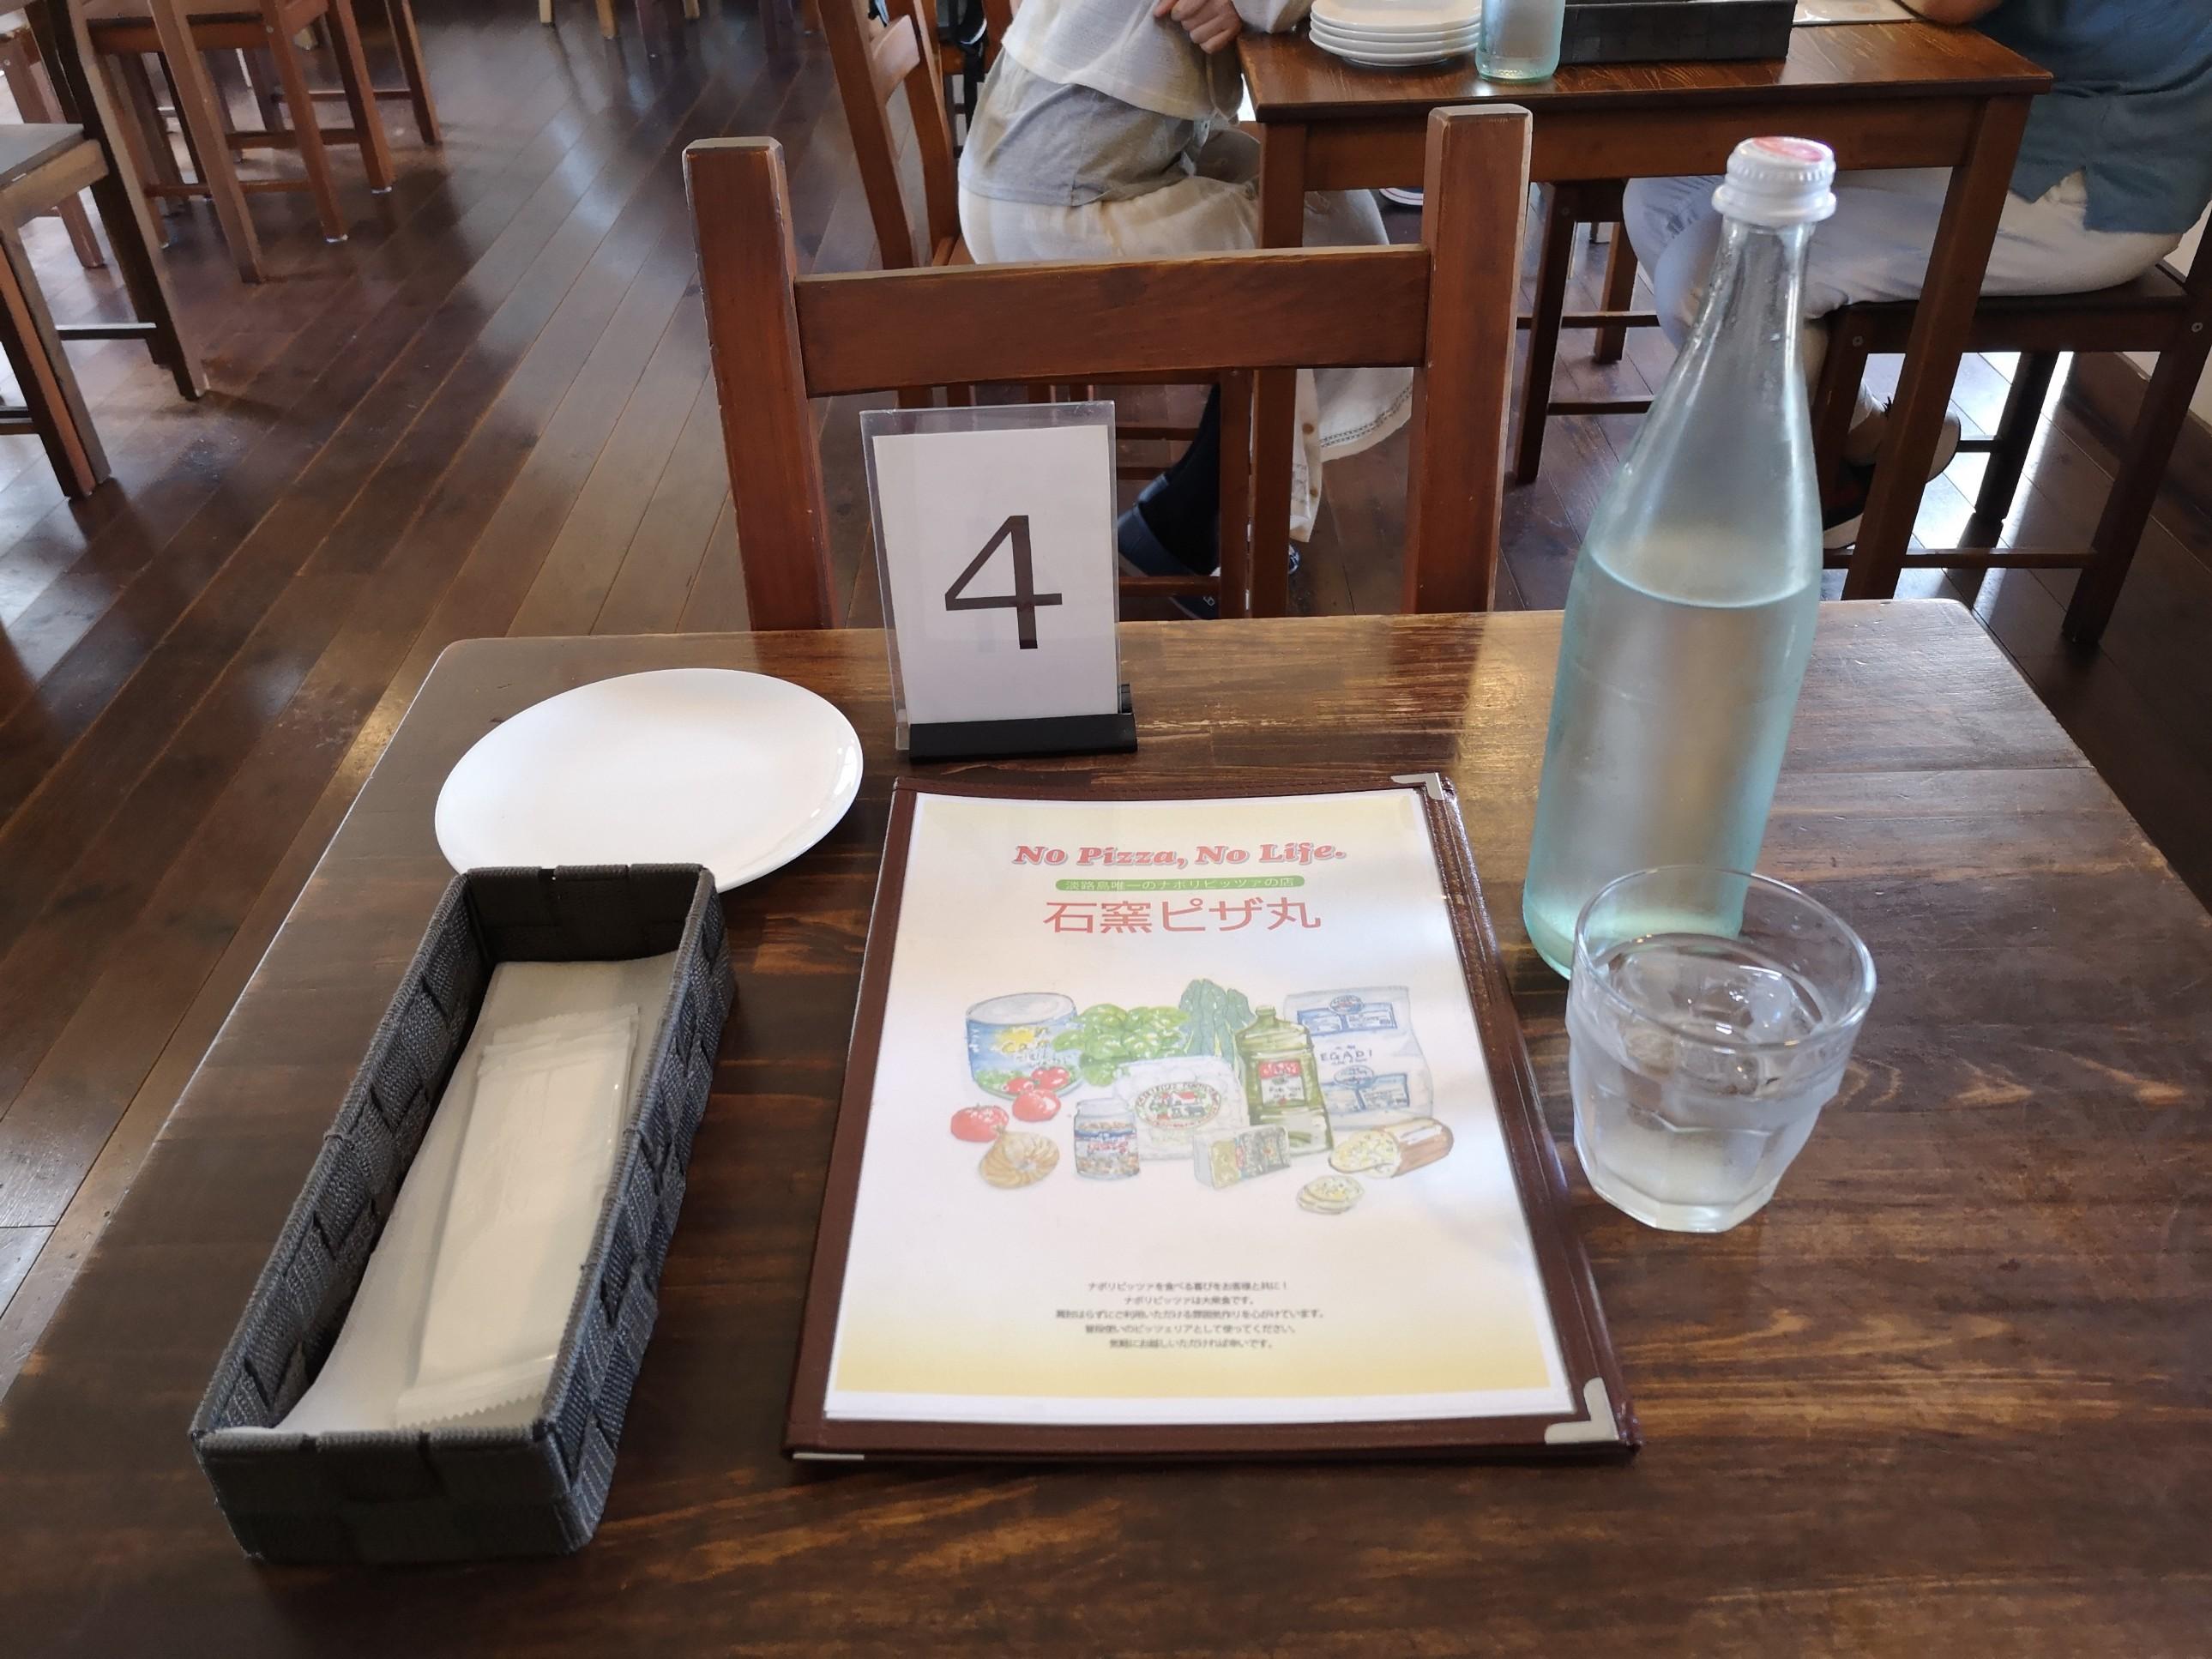 石釜ピザ丸のテーブル